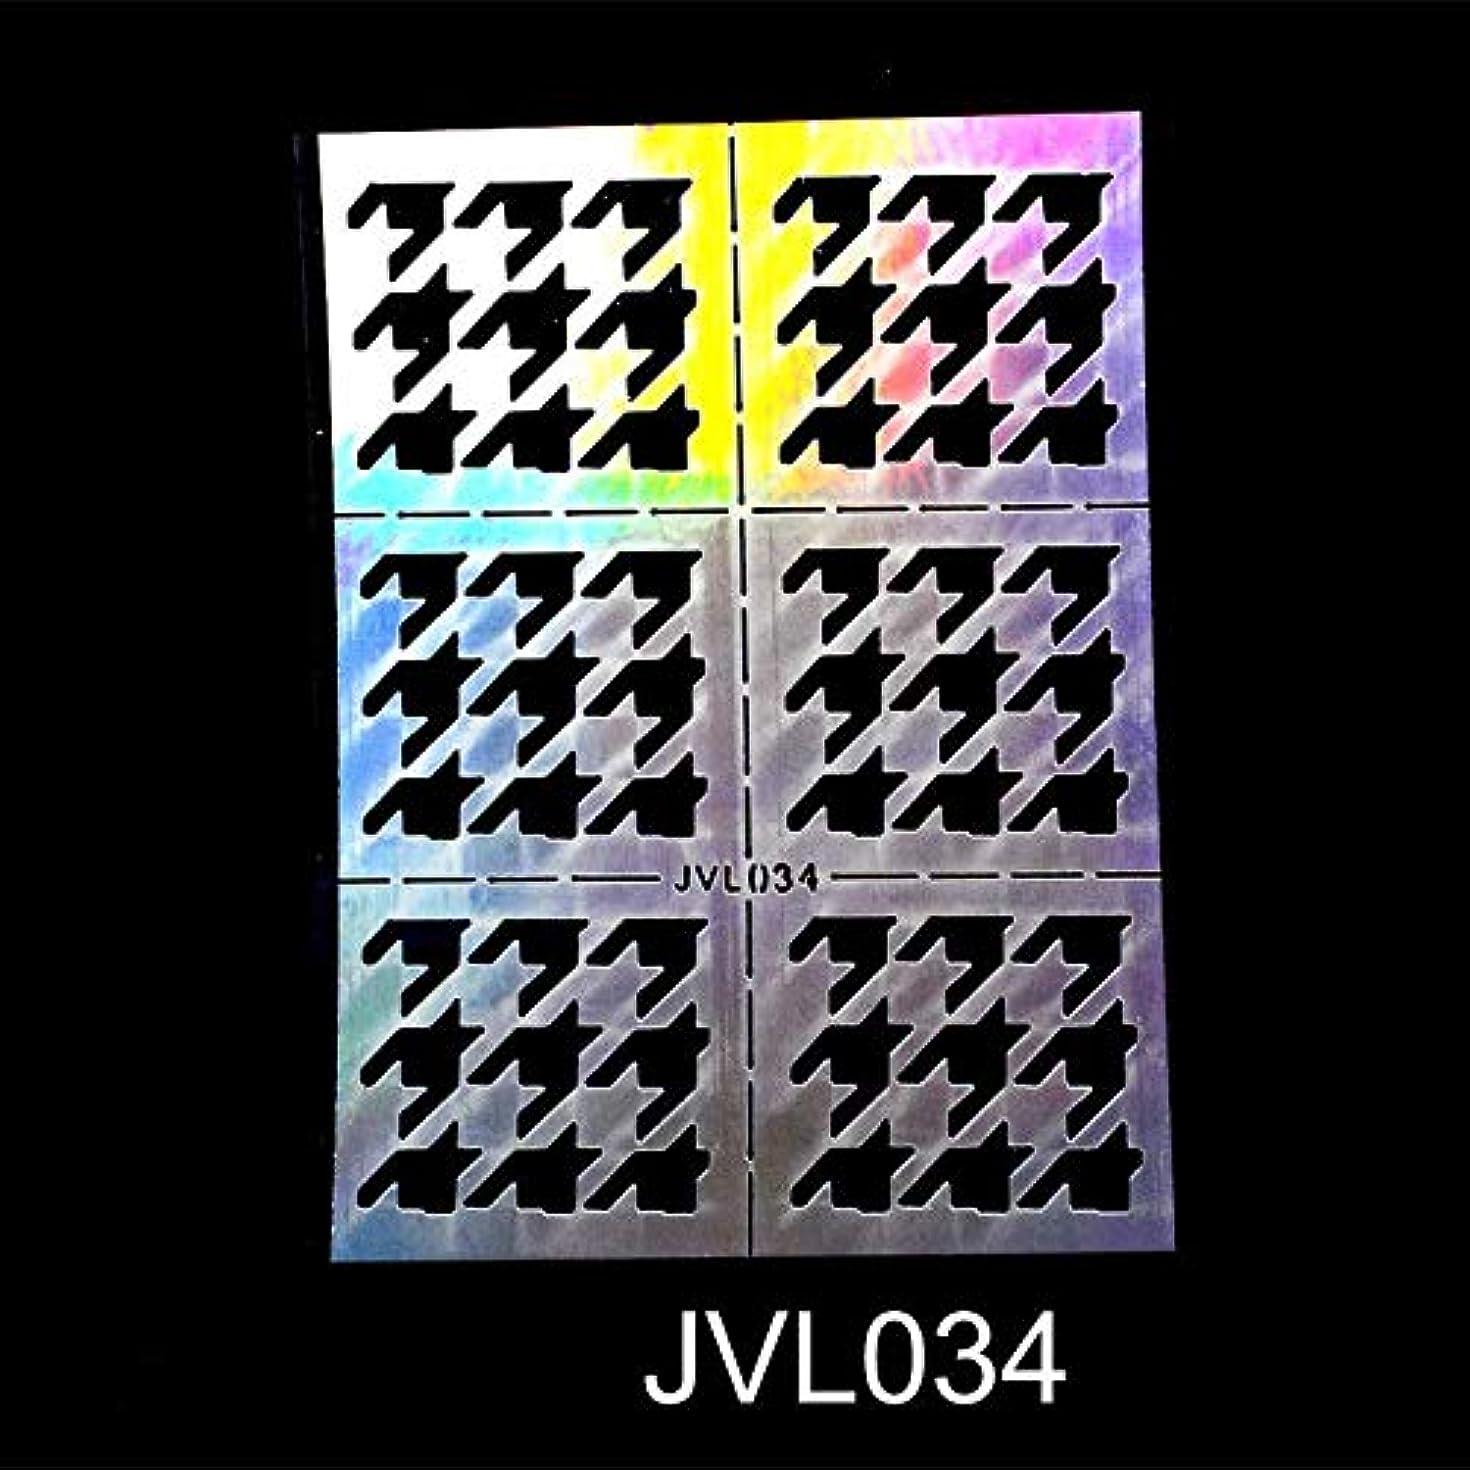 パッチ釈義信頼できるSUKTI&XIAO ネイルステッカー 1Pc中空アウトネイルアートDIYのヒントガイド転送ステッカーアクセサリーのヒントマニキュアデカール装飾、Jvl034